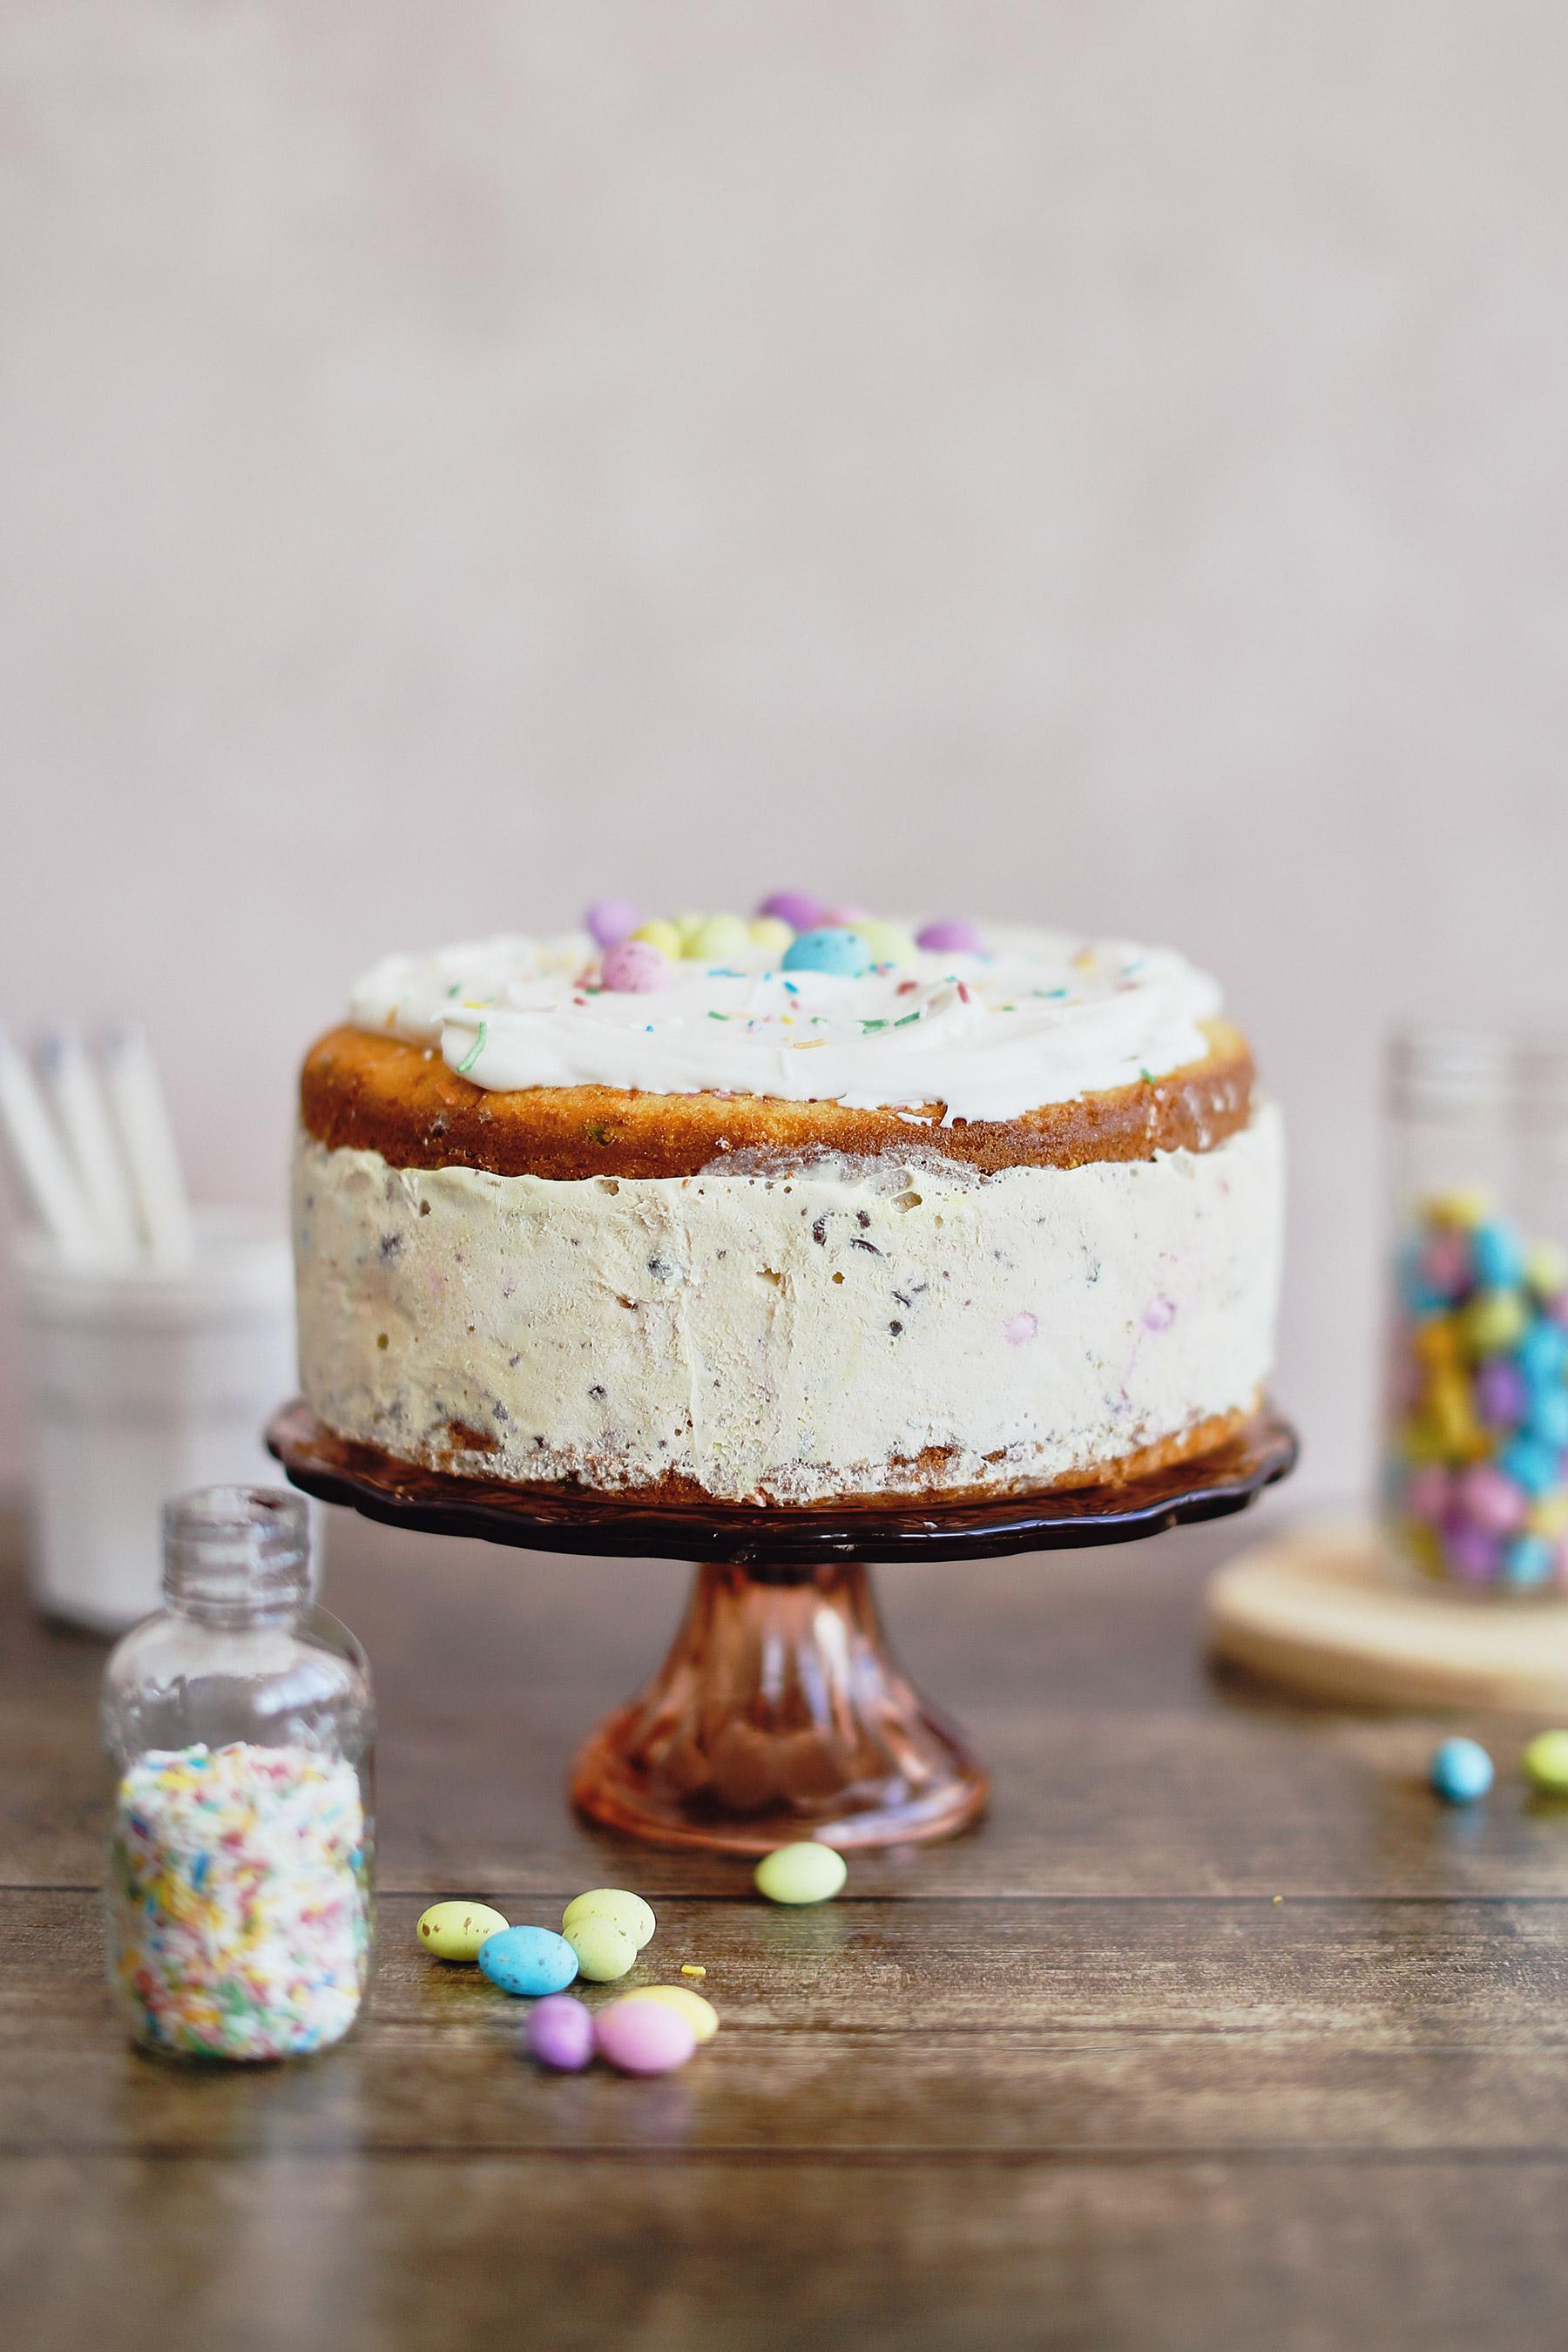 FUNFETTI-SPECKLED-EGG-ICE-CREAM-CAKE-1